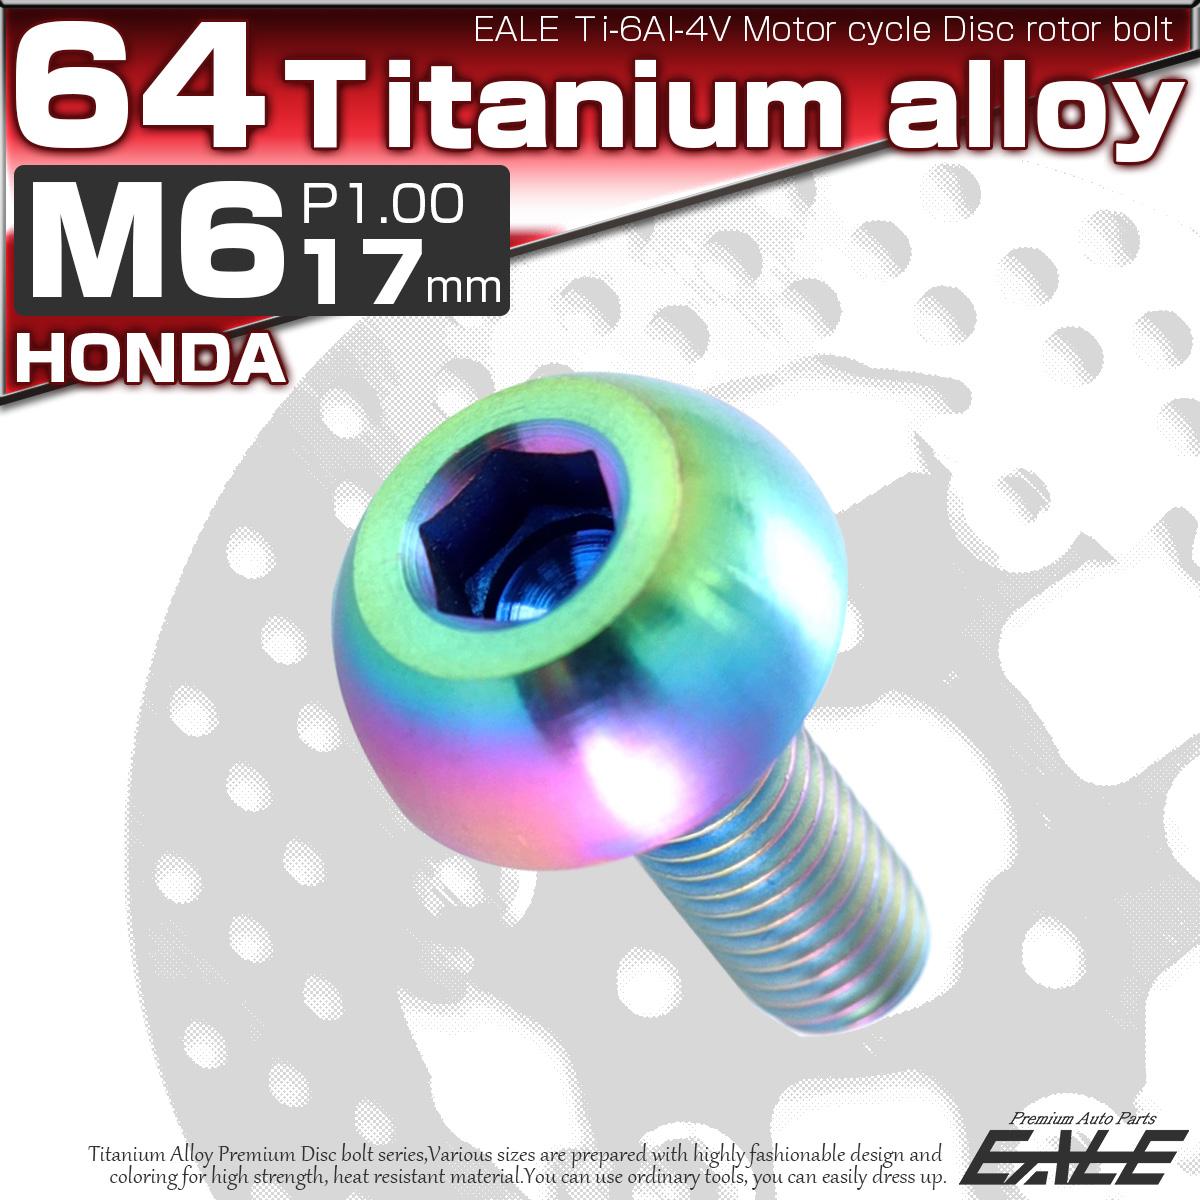 64チタン M6×17mm P=1.00 ブレーキディスク ローター ボルト ホンダ車用 焼きチタン 虹色 JA065